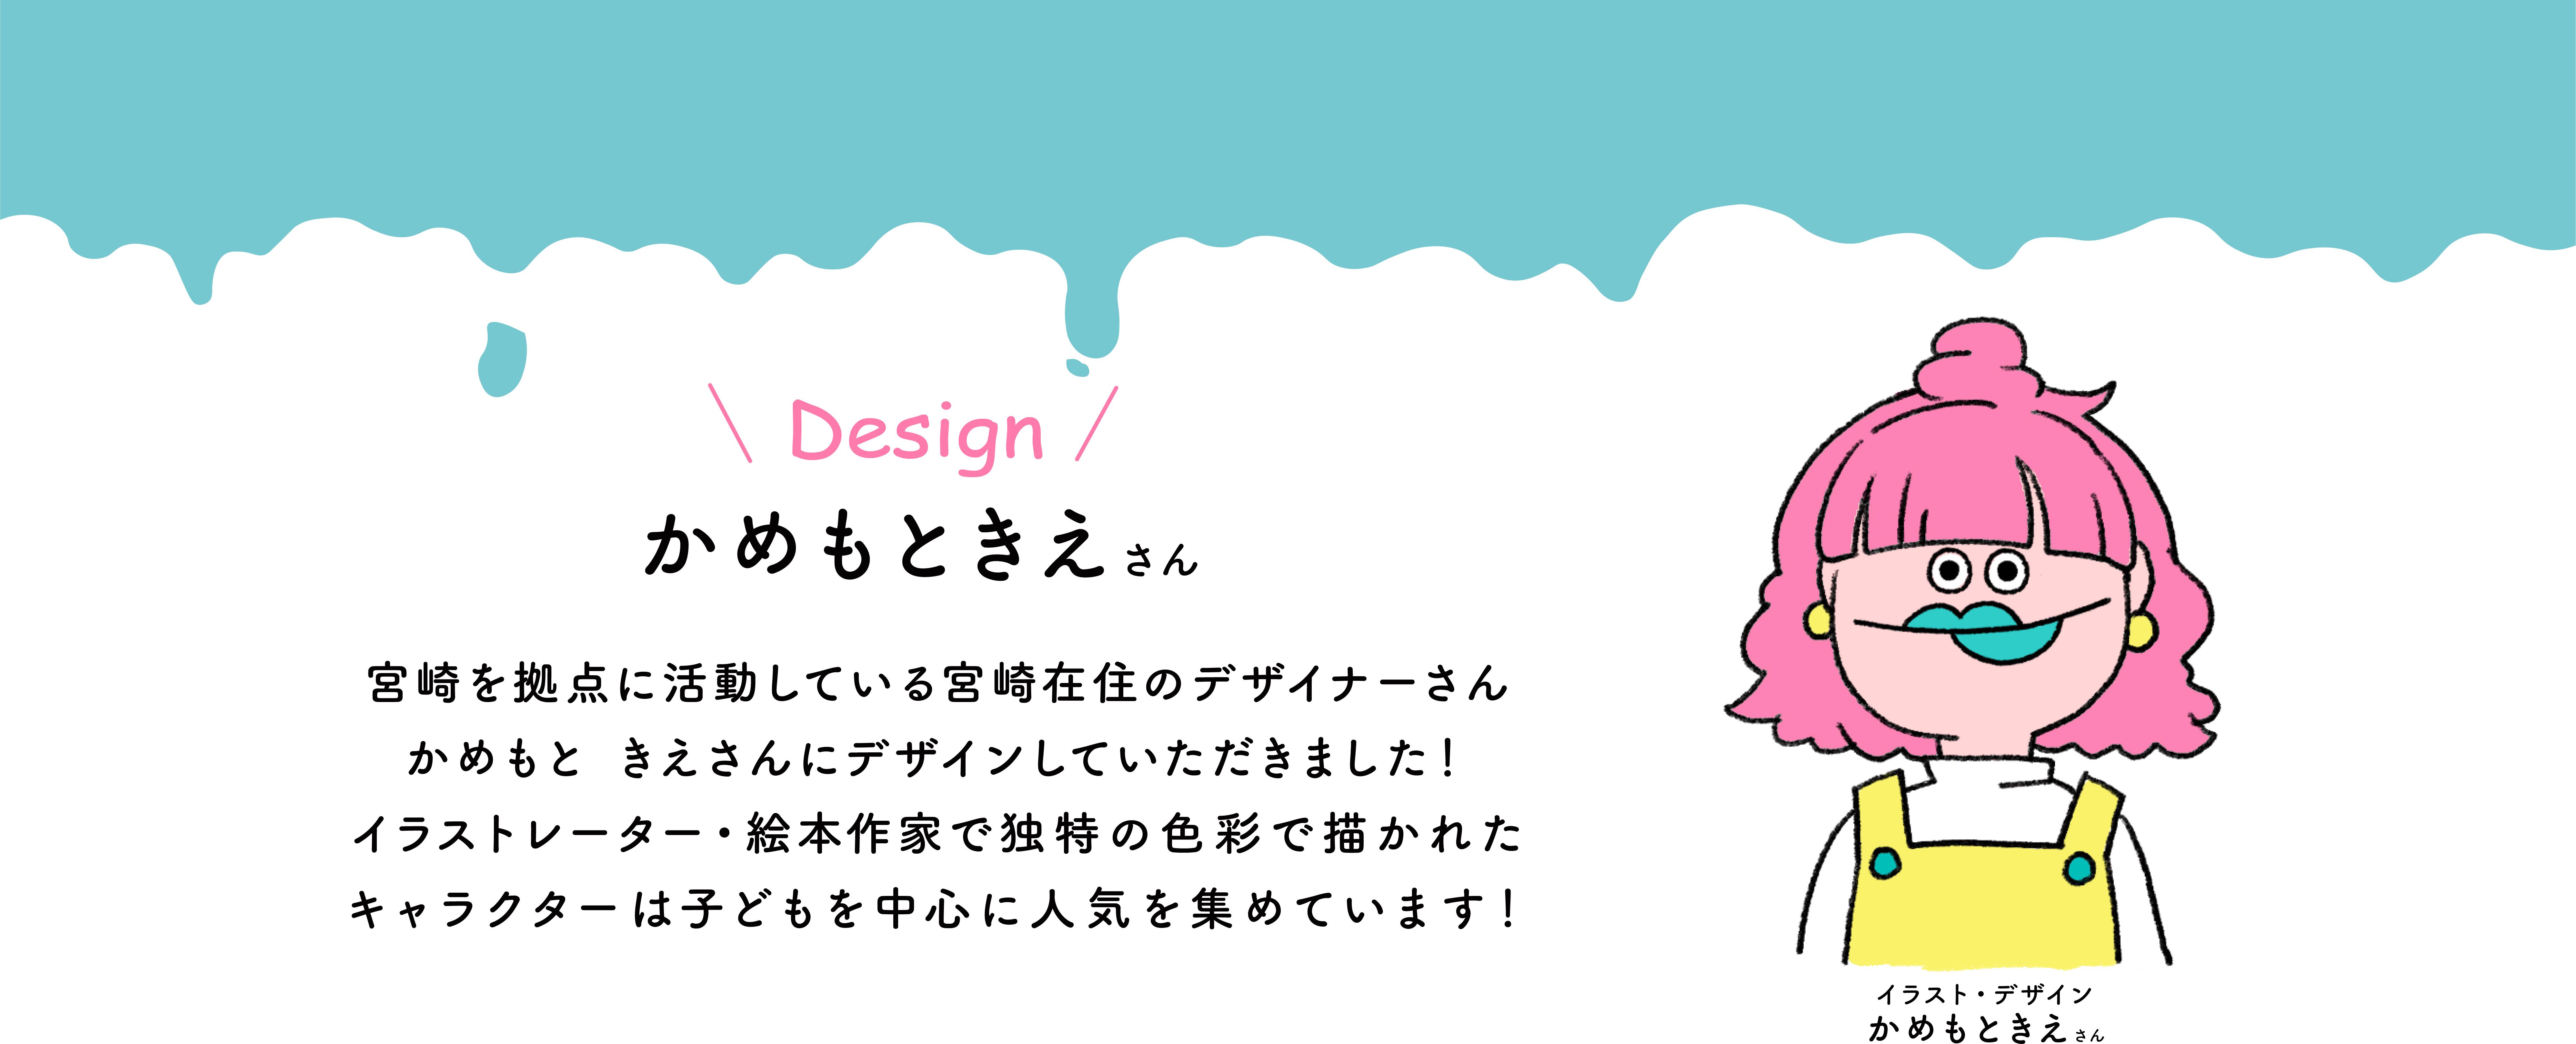 Design かめもときえ さん